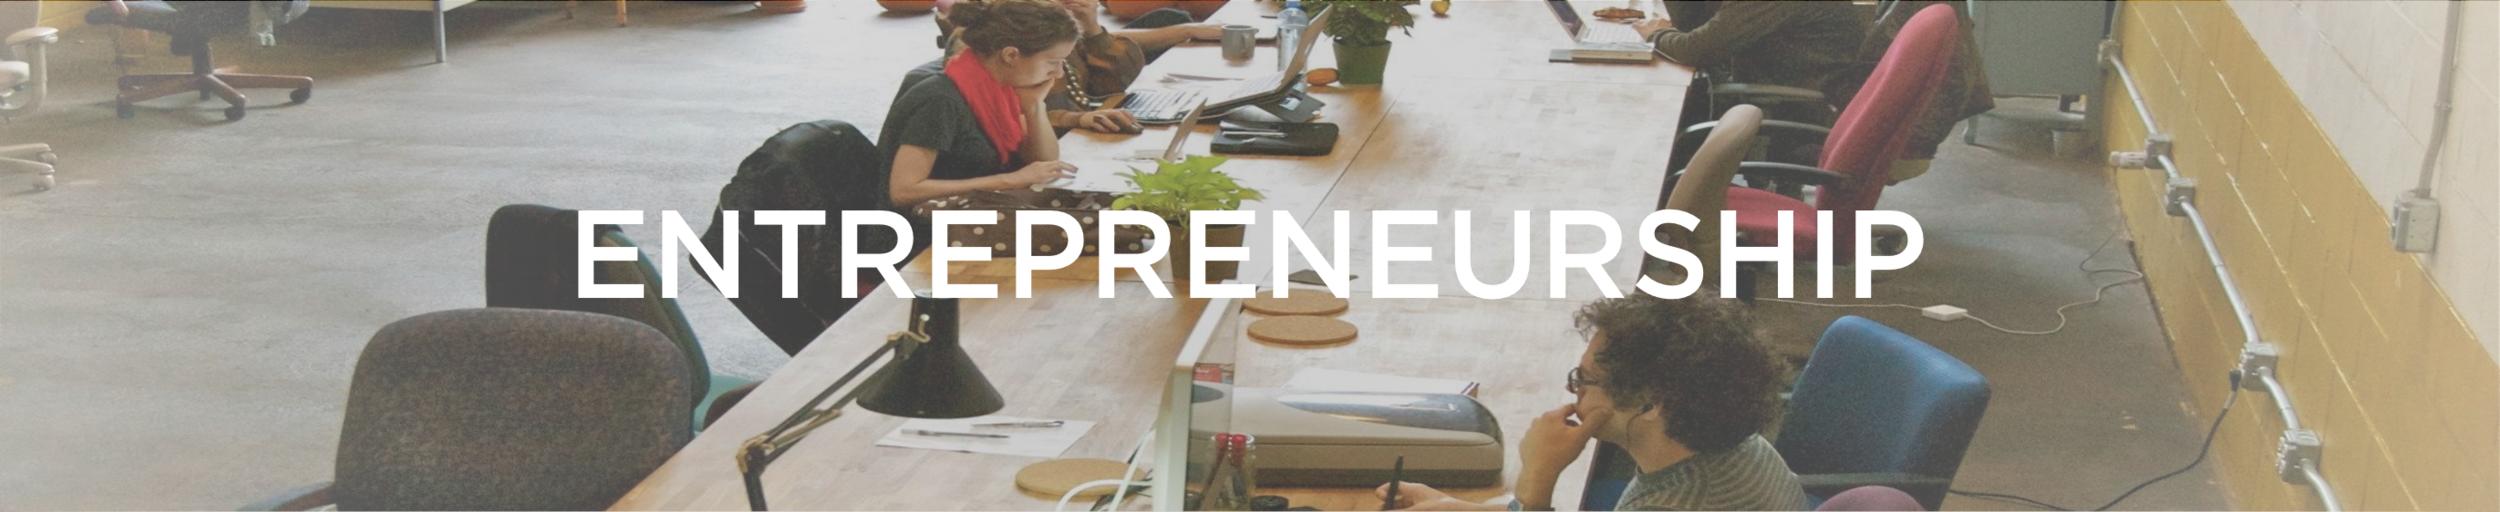 Banner - Entrepreneurship.png